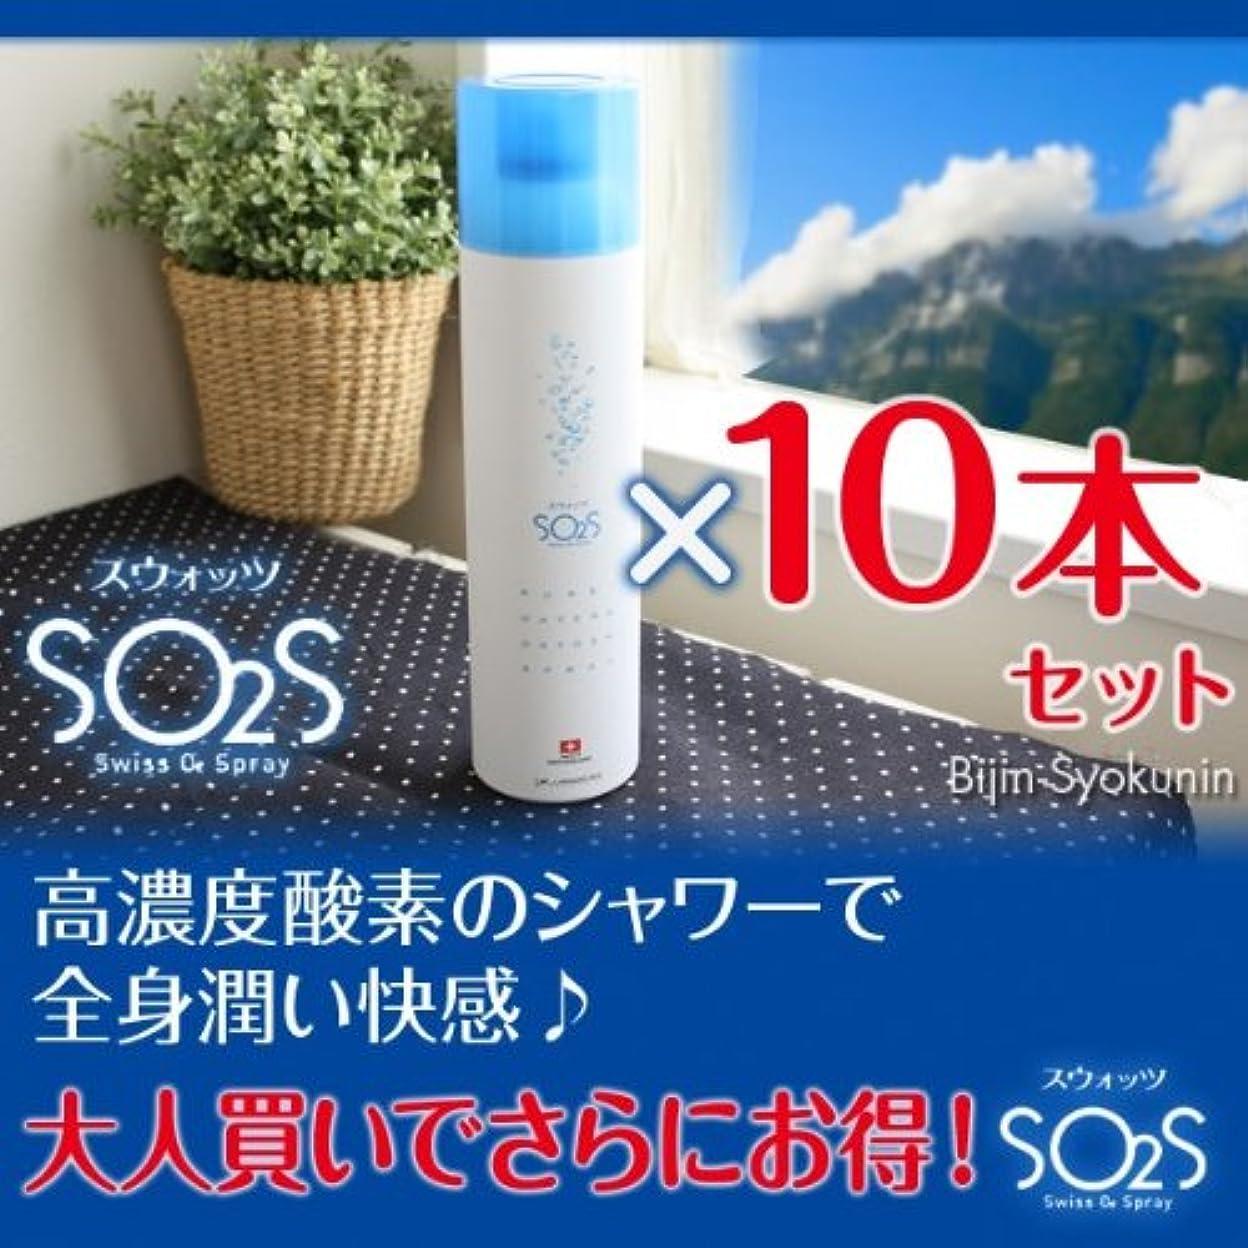 トリプル広げるエントリスウォッツ (300ml) 10本セット【SO2S】